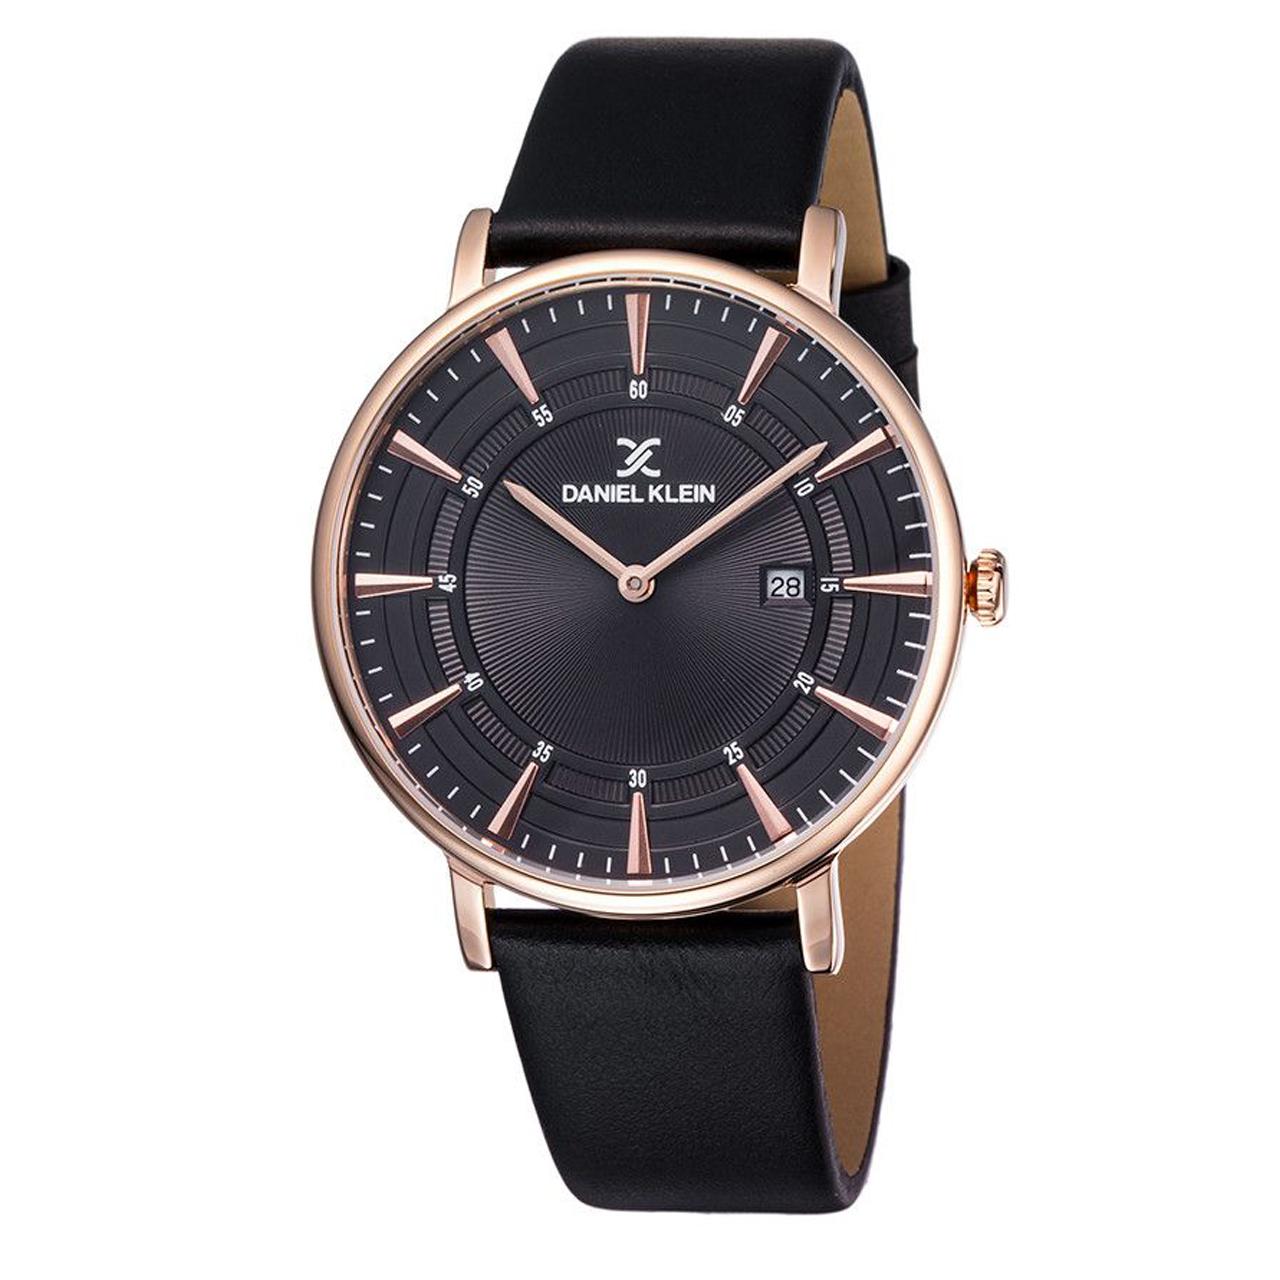 ساعت مچی عقربه ای مردانه دنیل کلین مدل dk11997-2 به همراه دستمال مخصوص برند کلین واچ 35